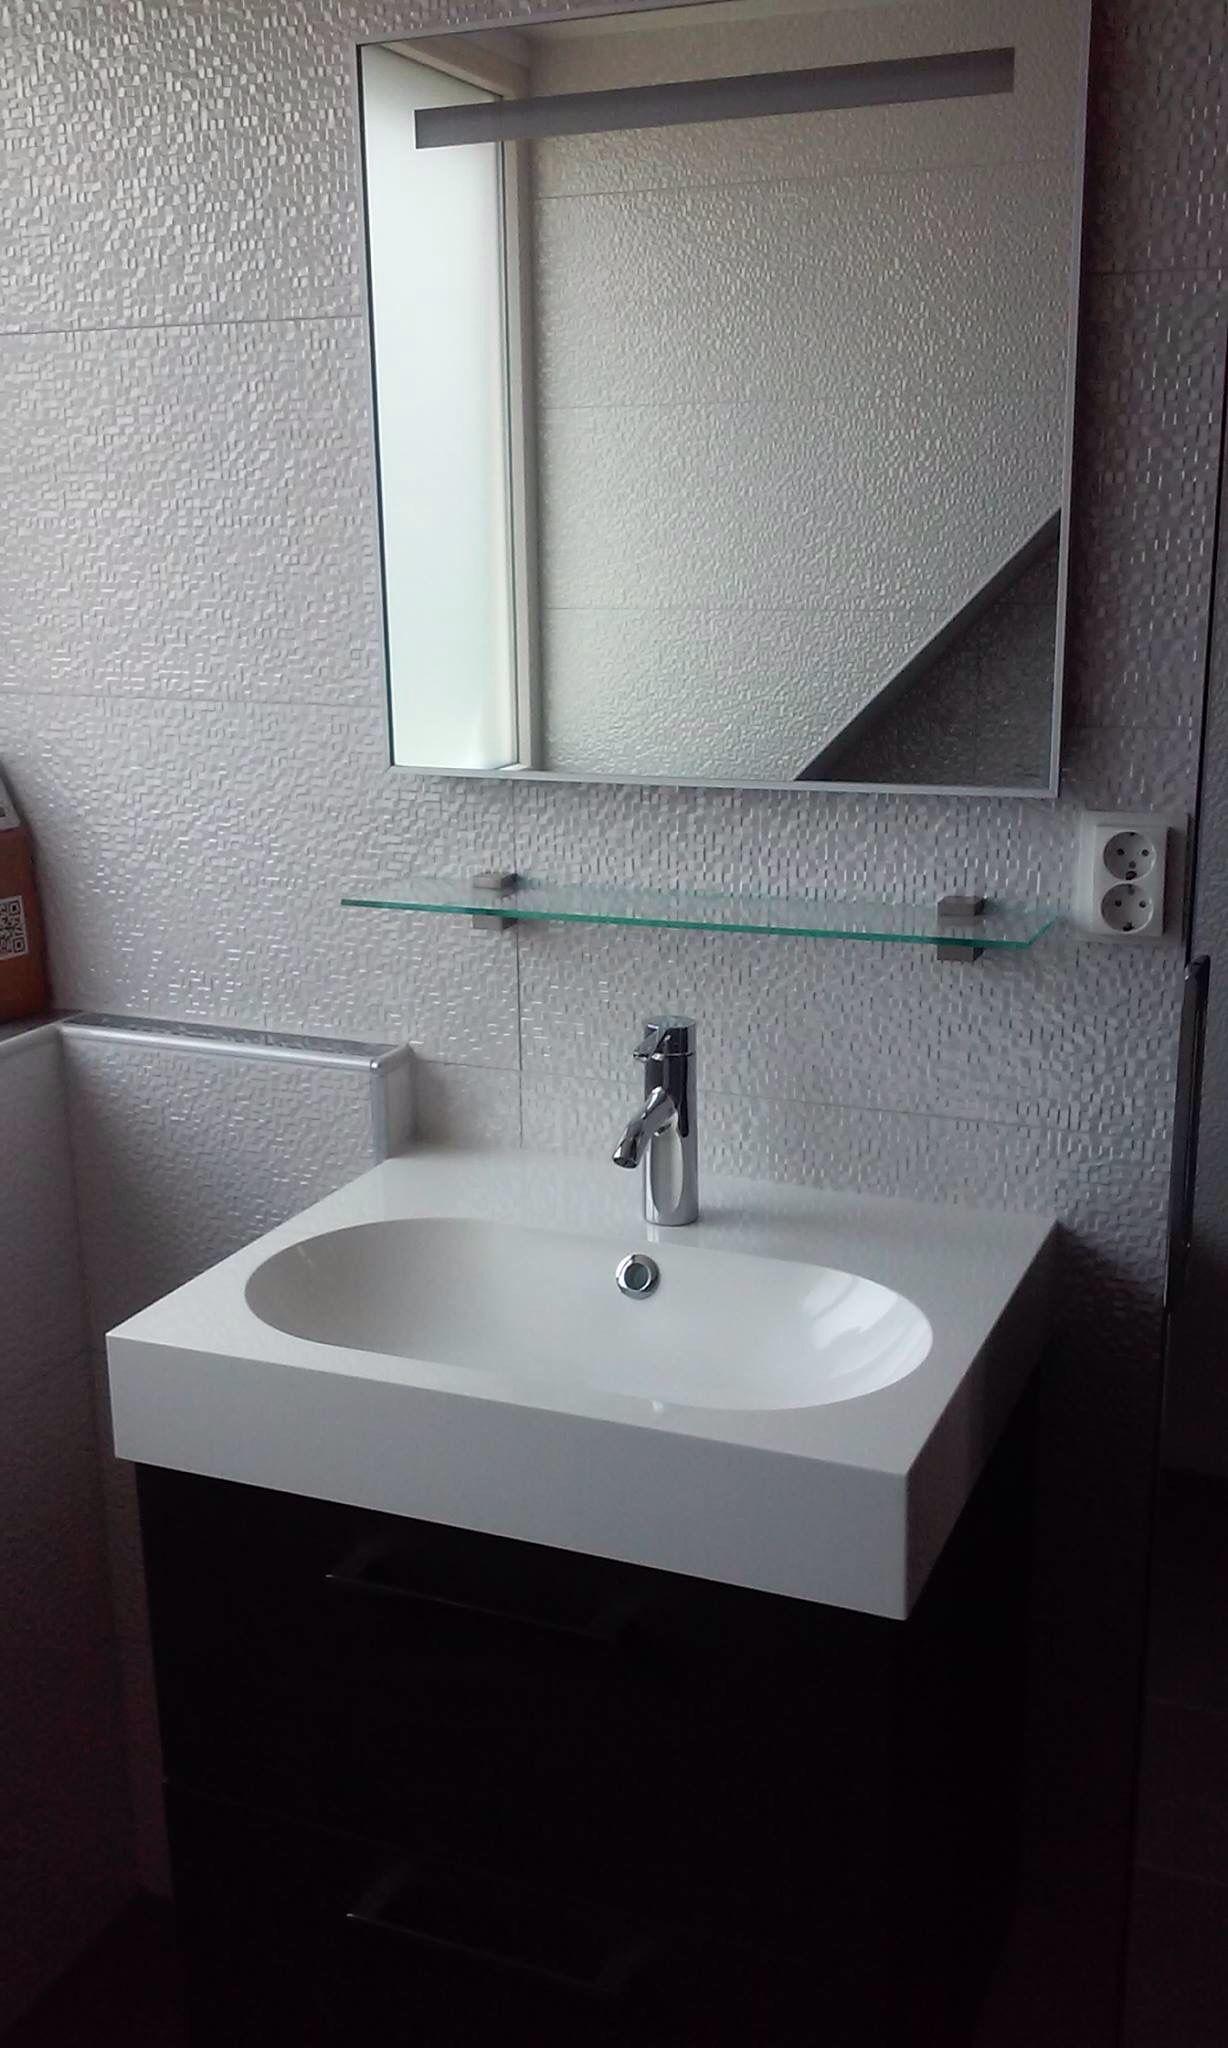 Badkamer meubel ikea spiegel met verlichting bruynzeel tegel venis cubica blanco badkamer - Porcelanosa tegel badkamer ...